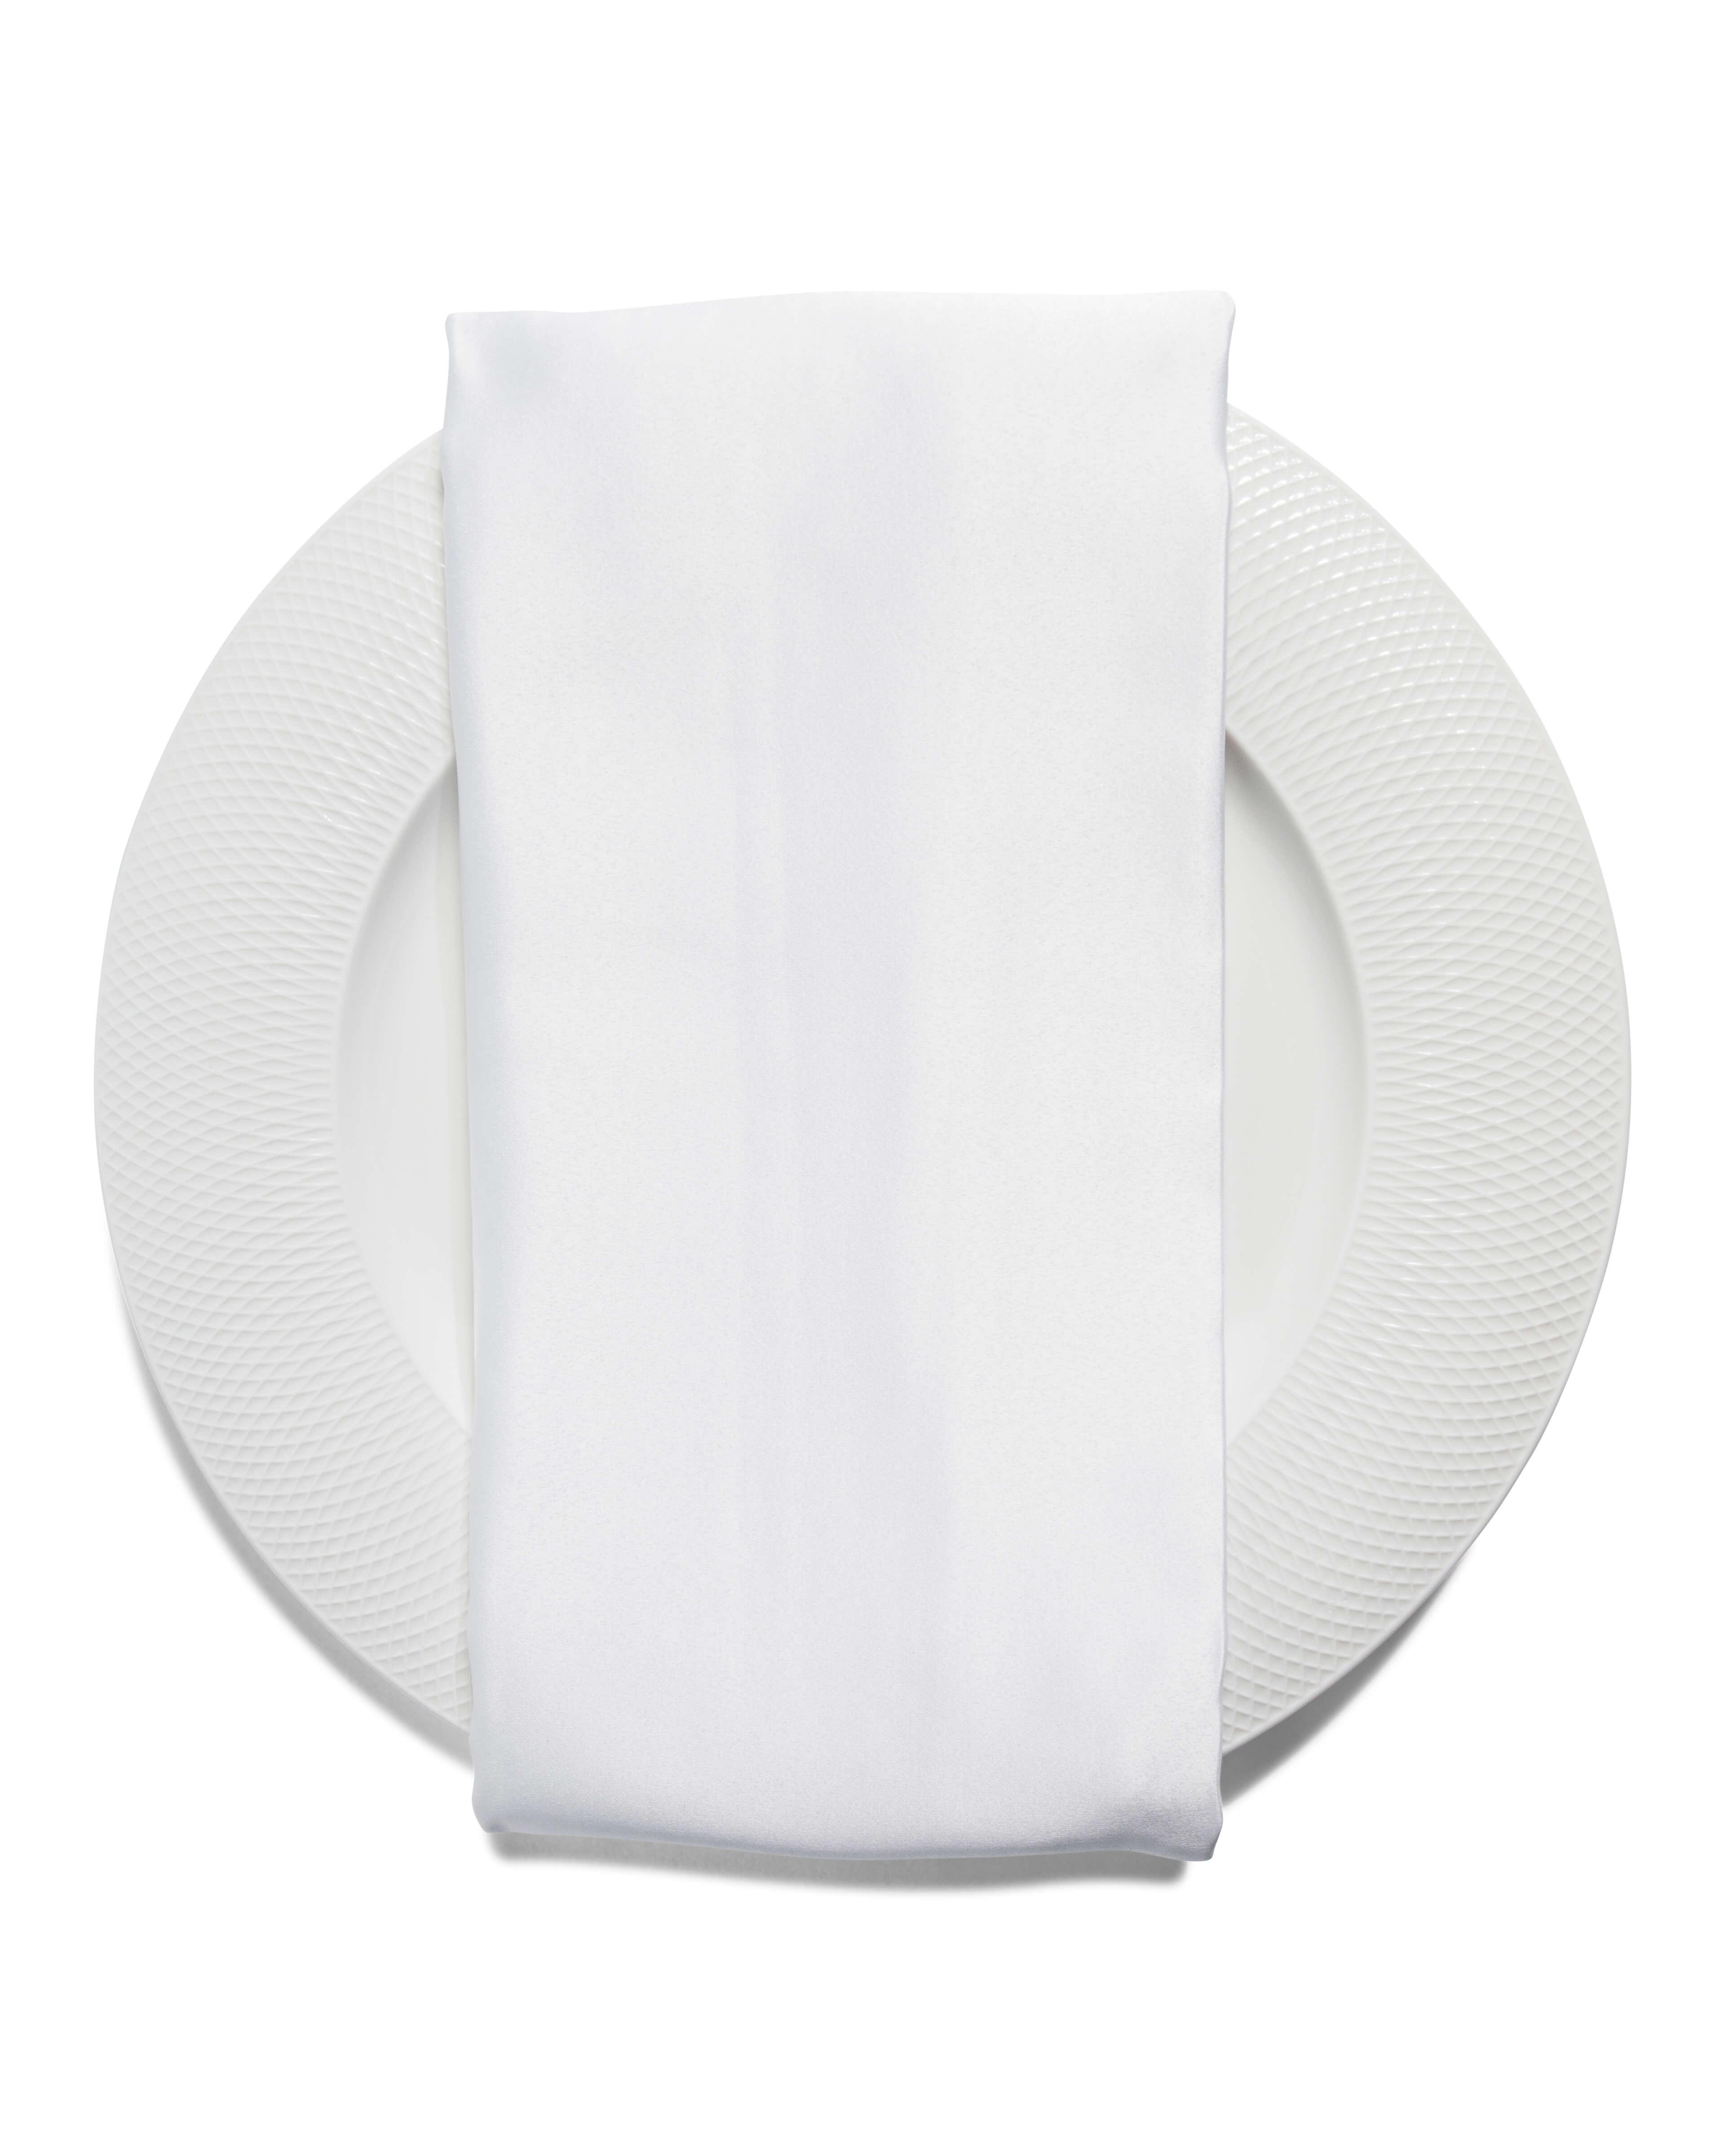 white napkin event rental